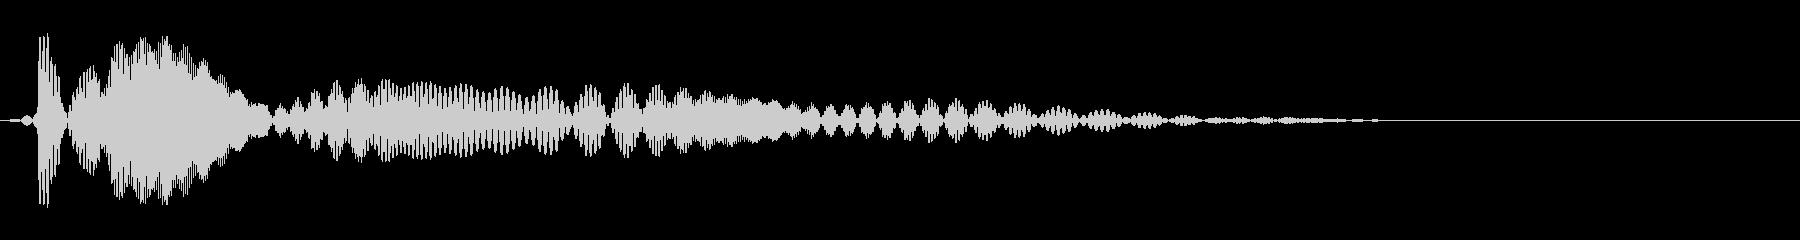 プワァワワン(登場や退場に)の未再生の波形